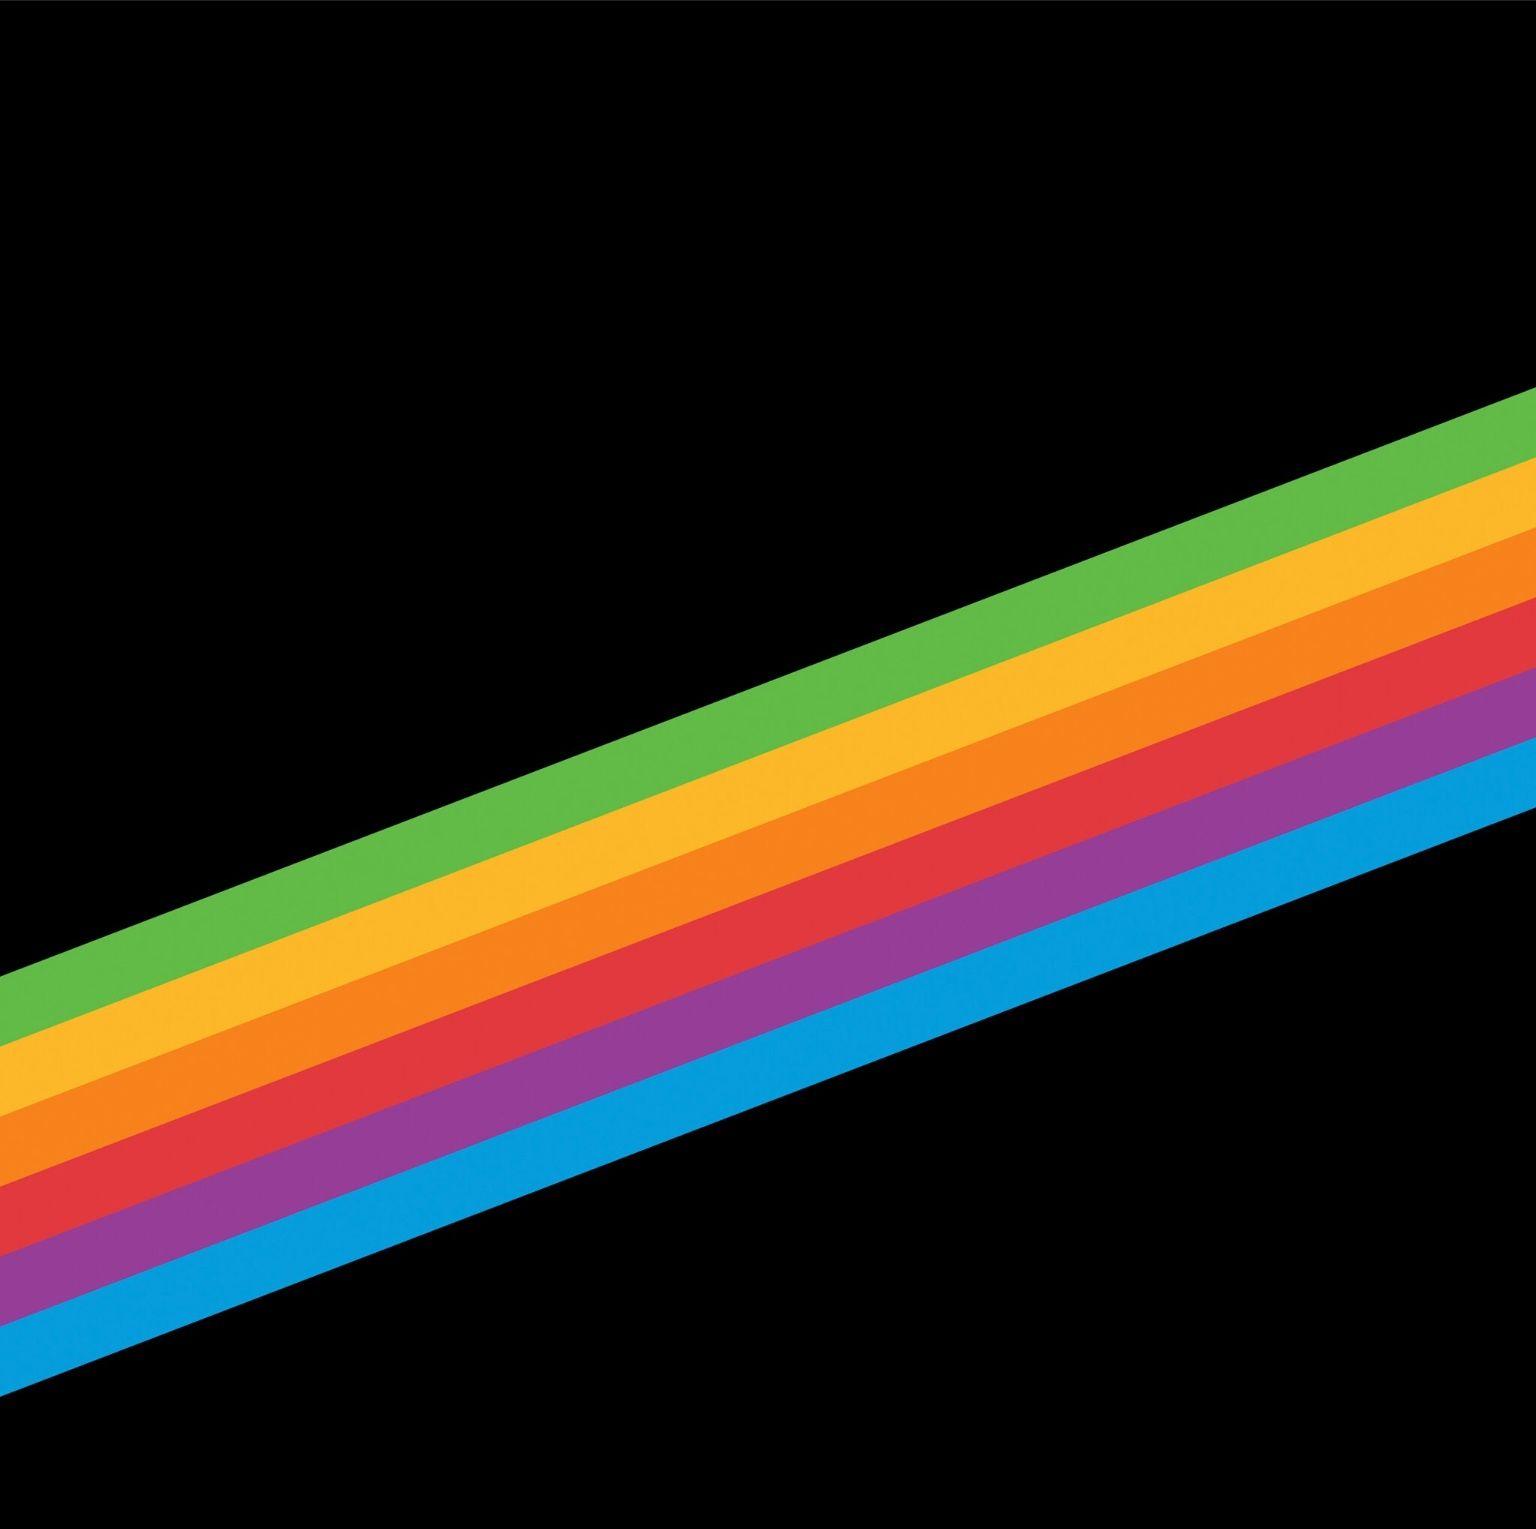 Download 840+ Wallpaper Black Rainbow Gratis Terbaik